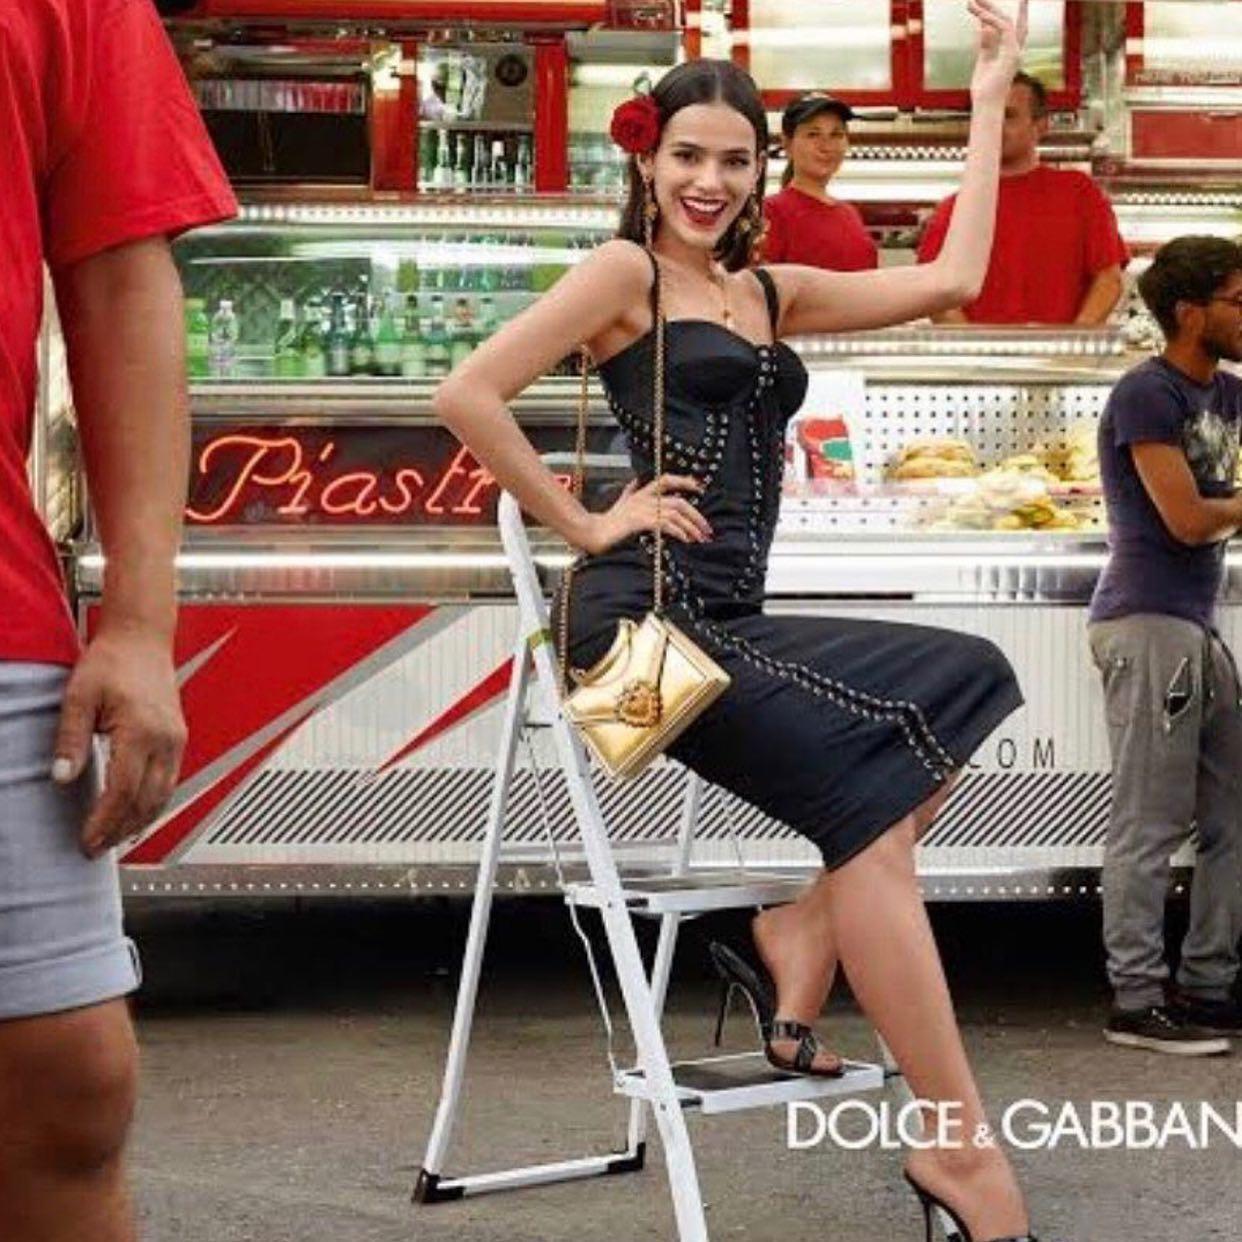 今年はコロナで毎年恒例のがミラノ、パリコレに参加出来ません、ファッションウィーク中ショーのバックステージ以外の撮影のヘアメイクをする事もたまにあるんです。こちらはドルガバのキャンペーン広告を担当しました。近年ドルガバはミラノの観光客や、サッカースタジアムで観客とモデルでキャンペーン広告したりして、ストリート感をアピールしてますね、人でごった返す中のヘアメイクむちゃくちゃ大変でした。 今度、その撮影の裏側をアップしますねー